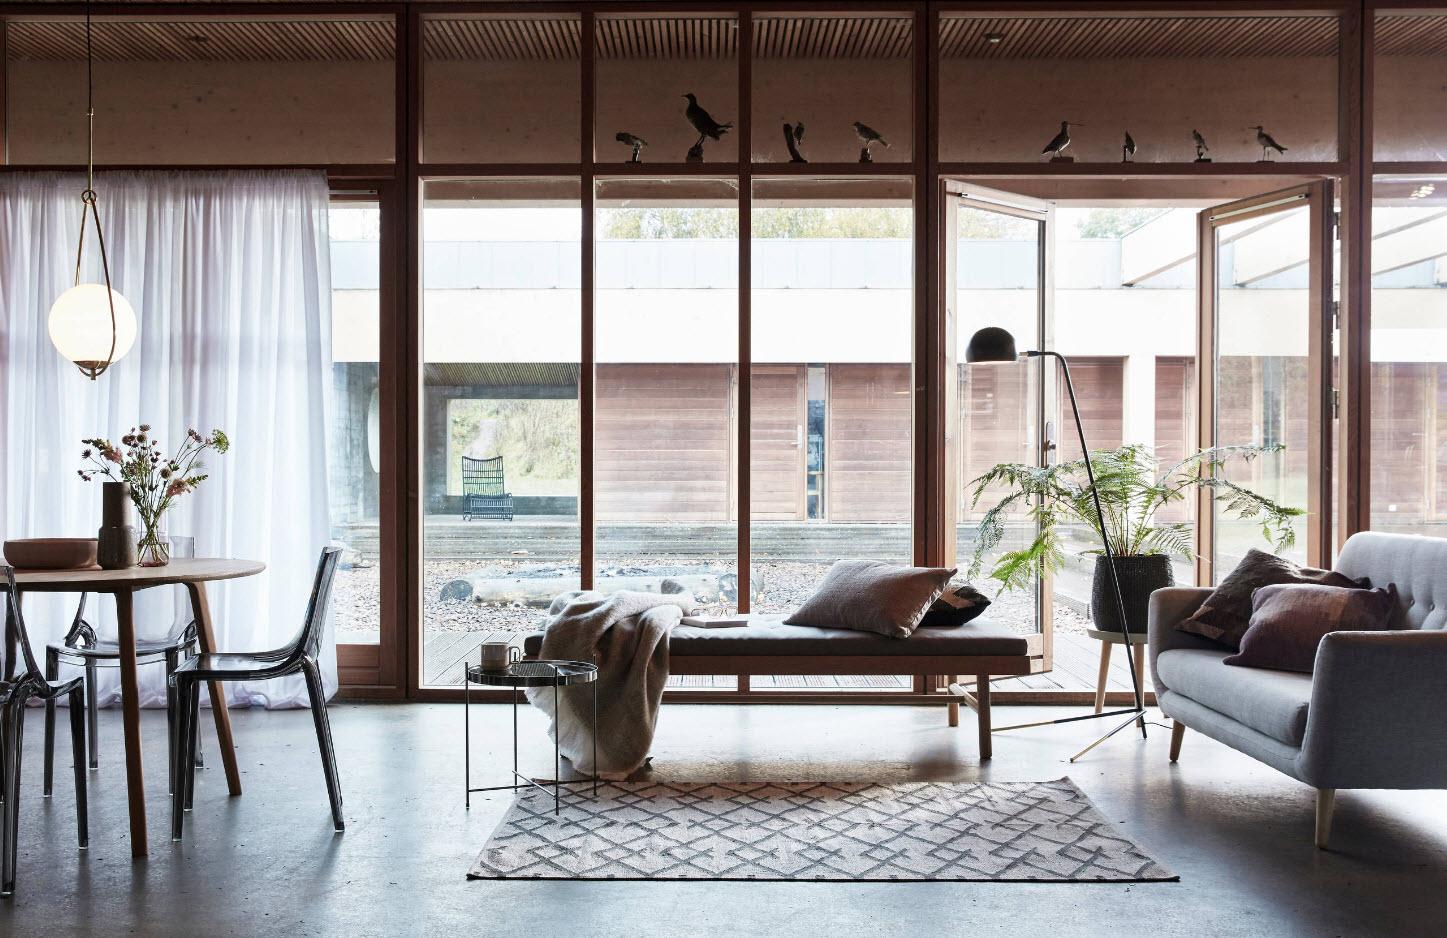 Частный дом со стеклянными стенами